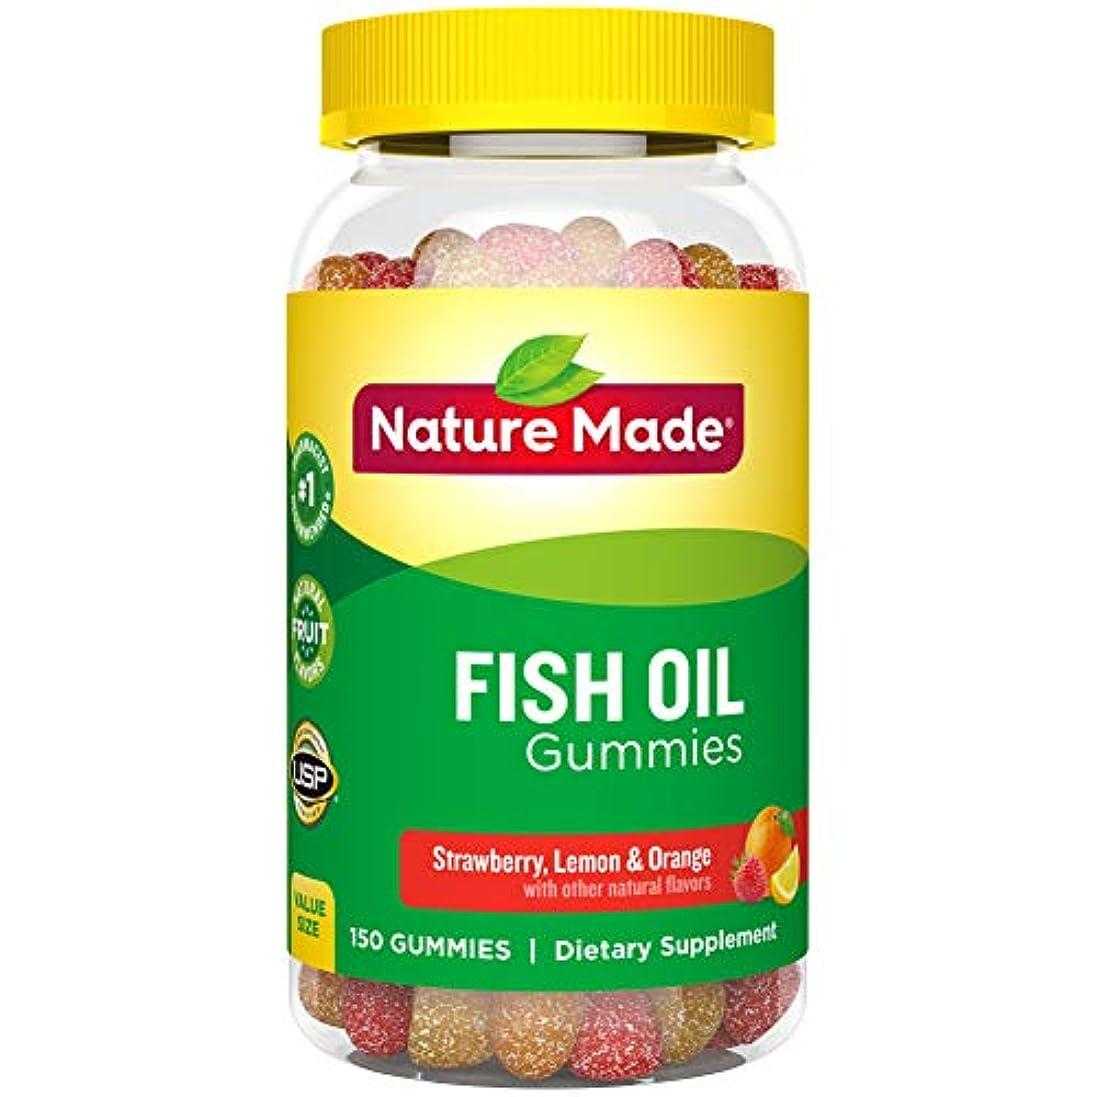 土器瞑想する手伝うNature Made Fish Oil Adult Gummies Nutritional Supplements, Value Size, 150 Count 海外直送品